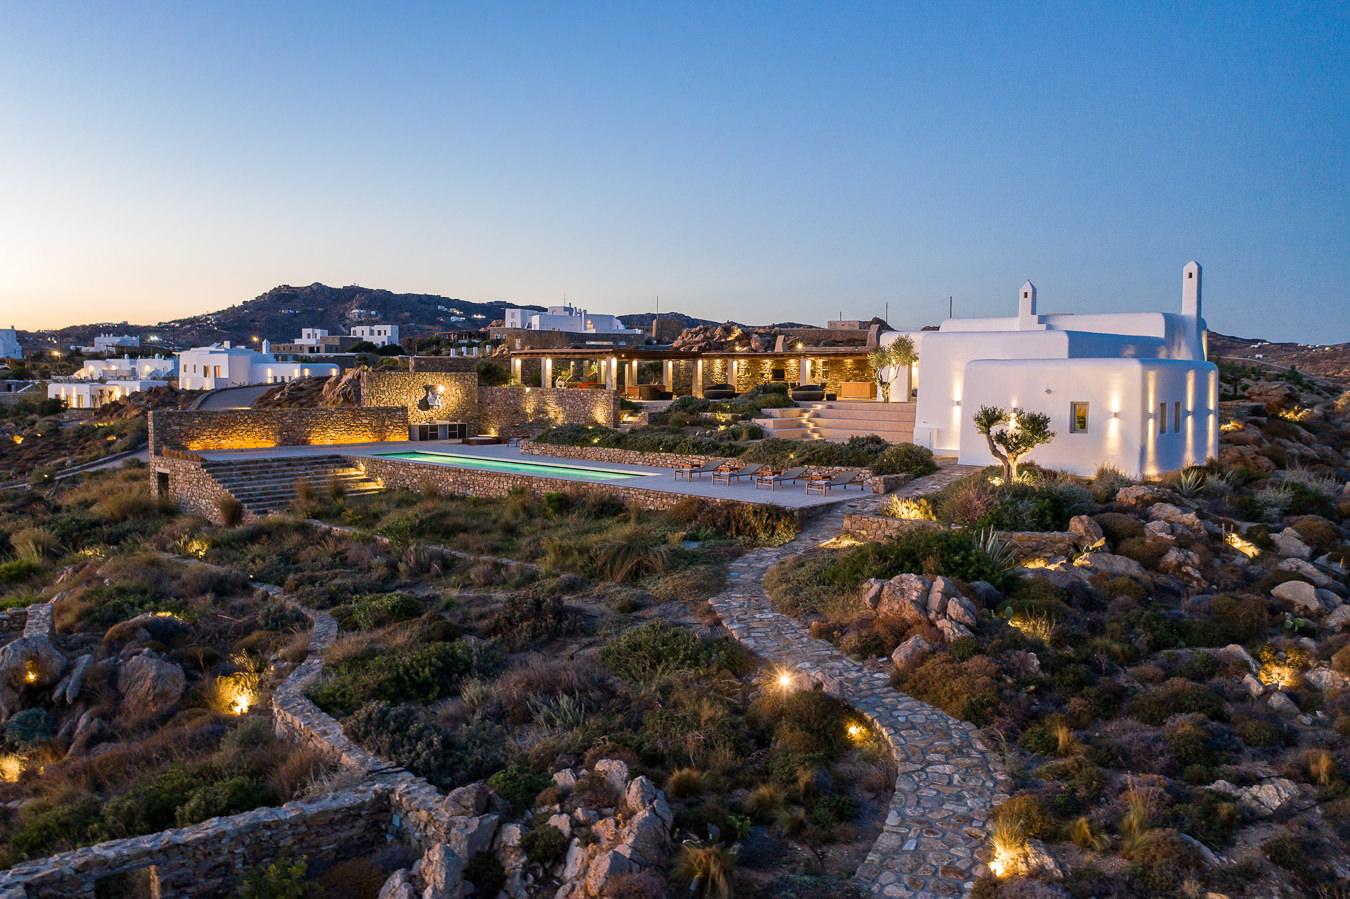 Cavo Dante Villa, Mykonos, Γιώργος Φάκαρος - Αρχιτεκτονική Φωτογραφία | Εσωτερικοί Χώροι | Φωτογραφία Ξενοδοχειών - Photography / Φωτογραφία